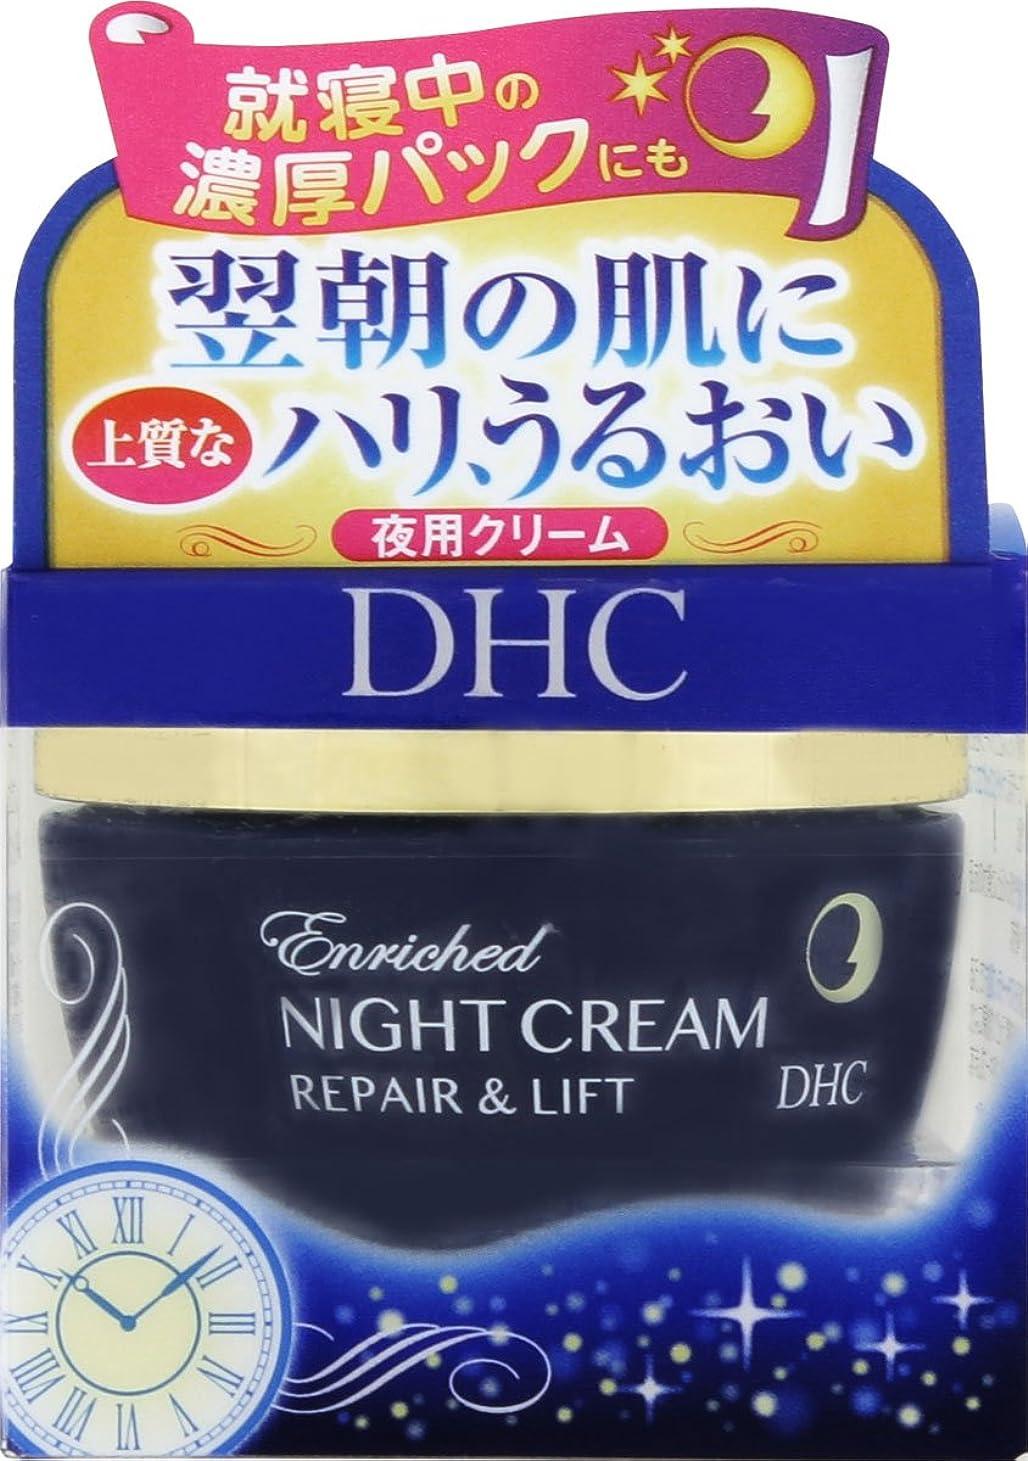 魂ささいな問い合わせDHC エンリッチナイトクリームR&L(SS)30g